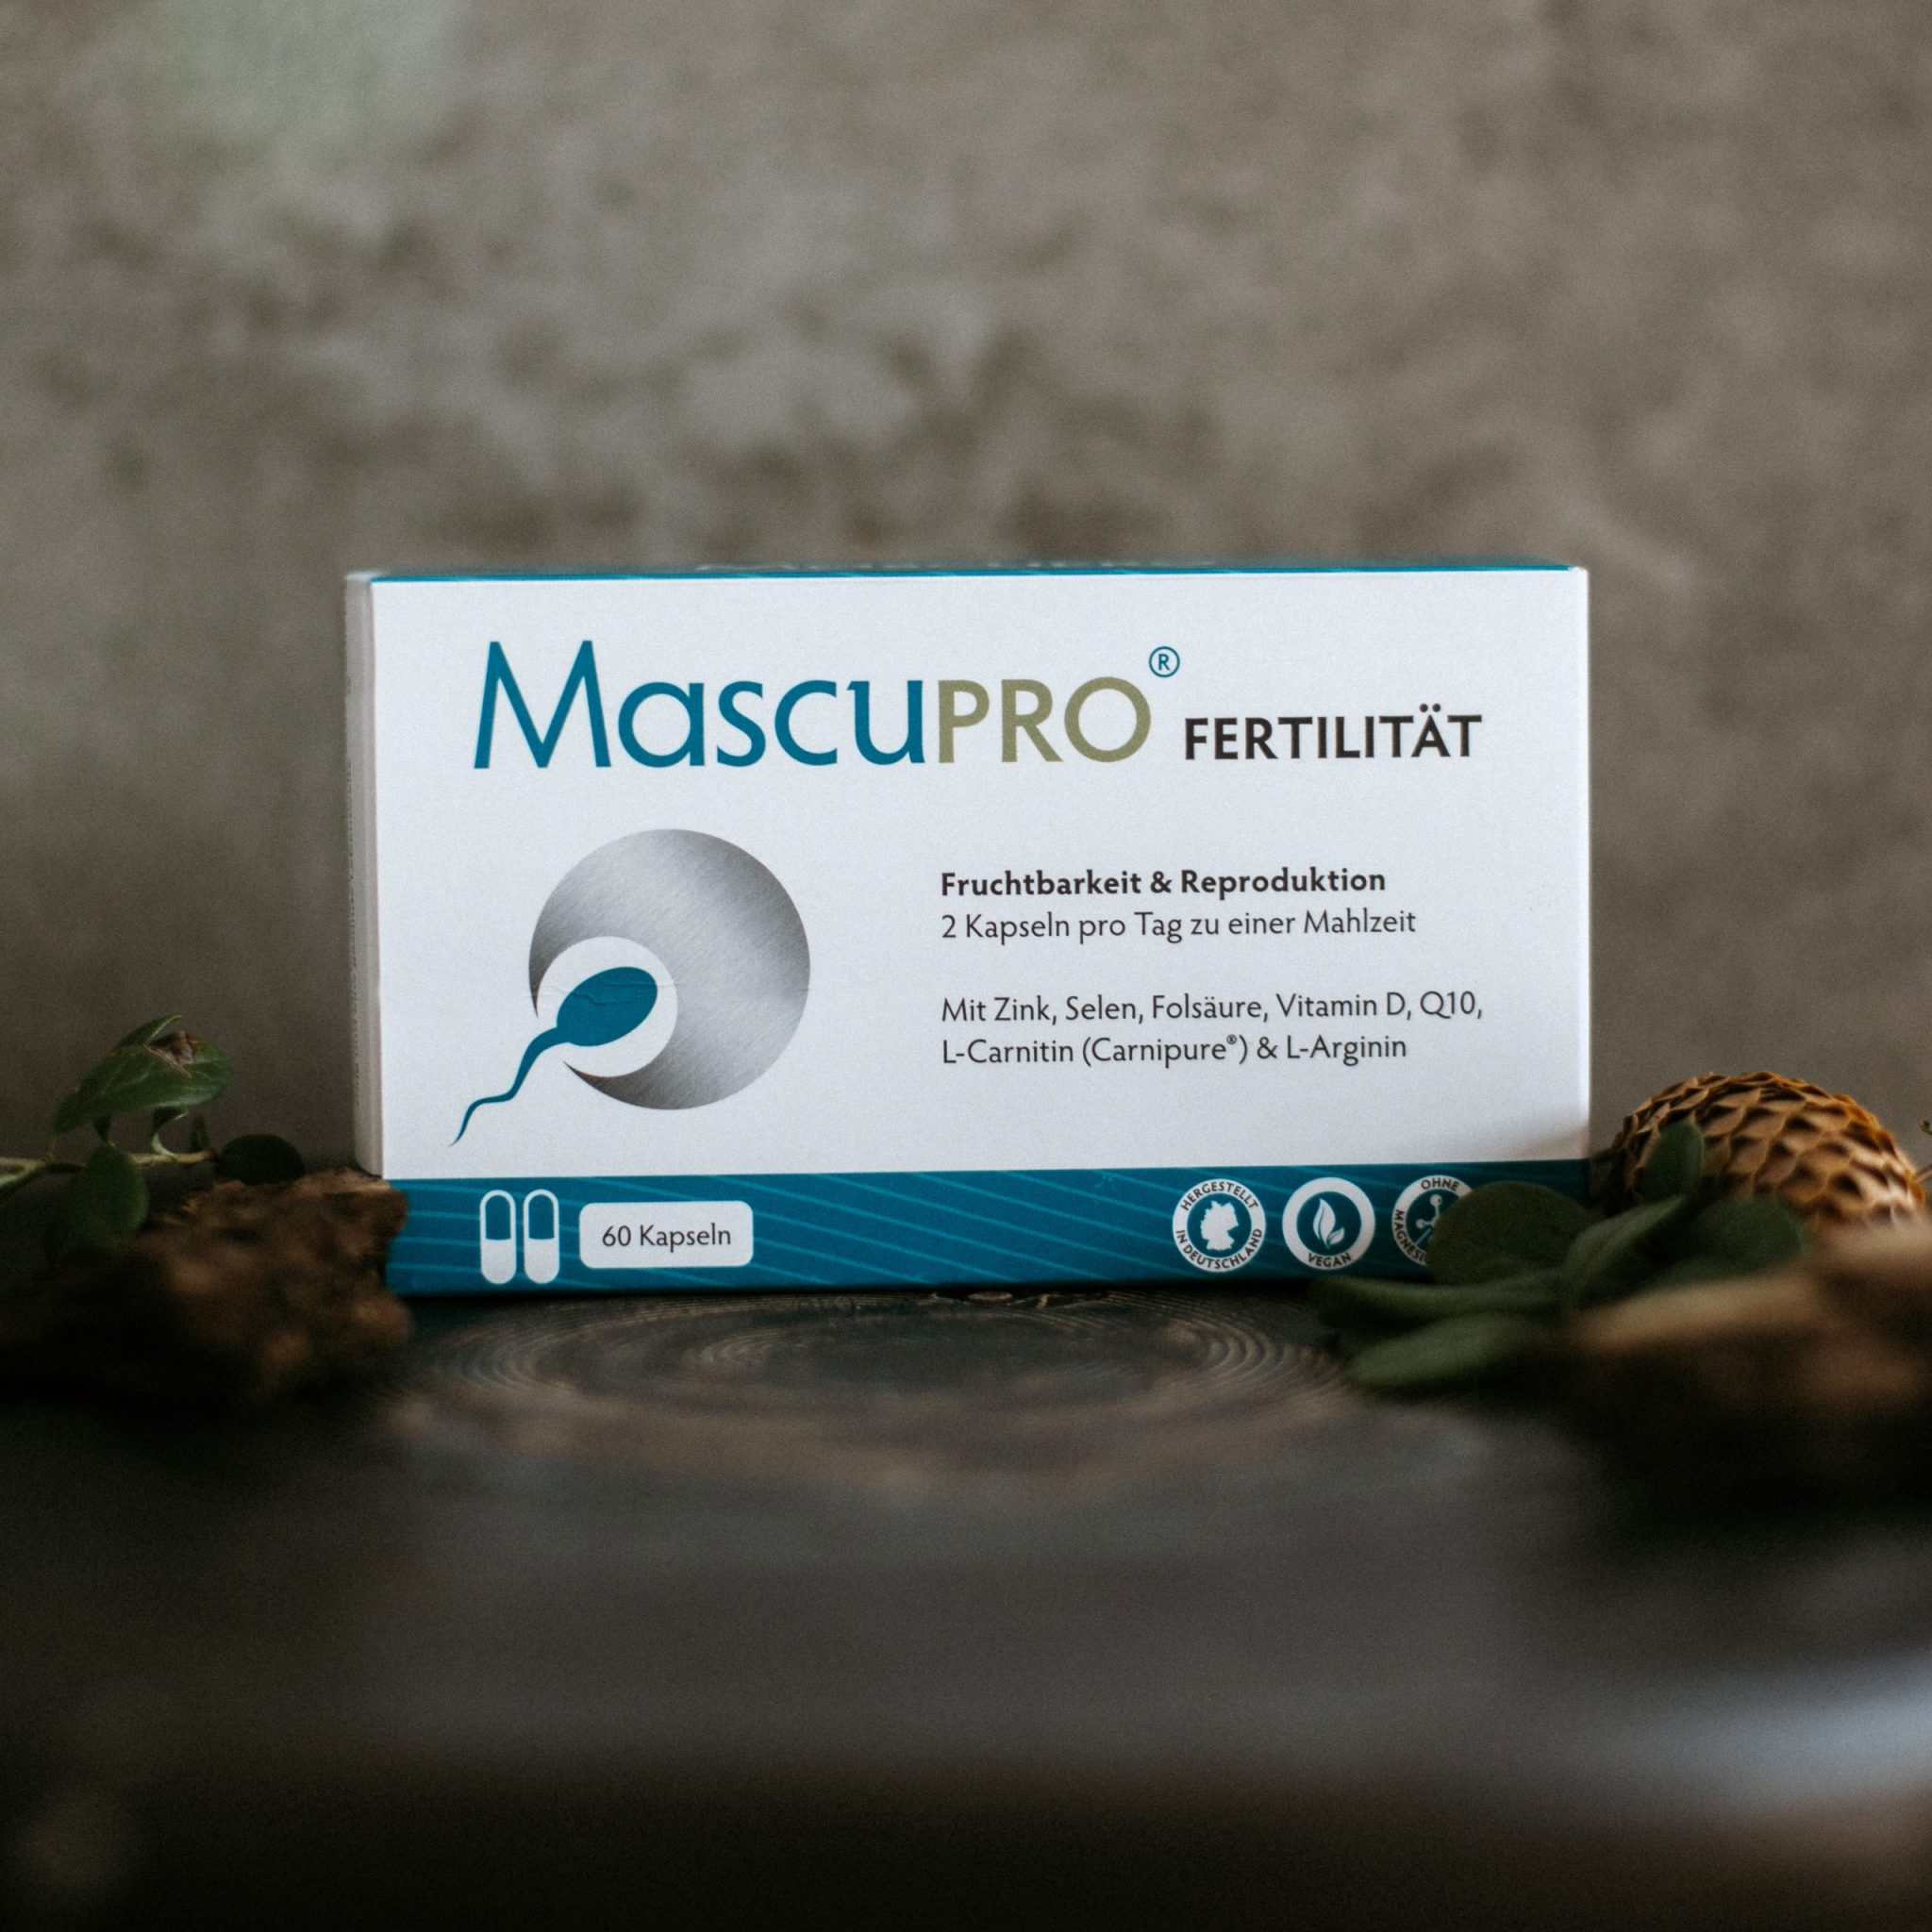 MascuPRO® Fertilität mit 60 Kapseln